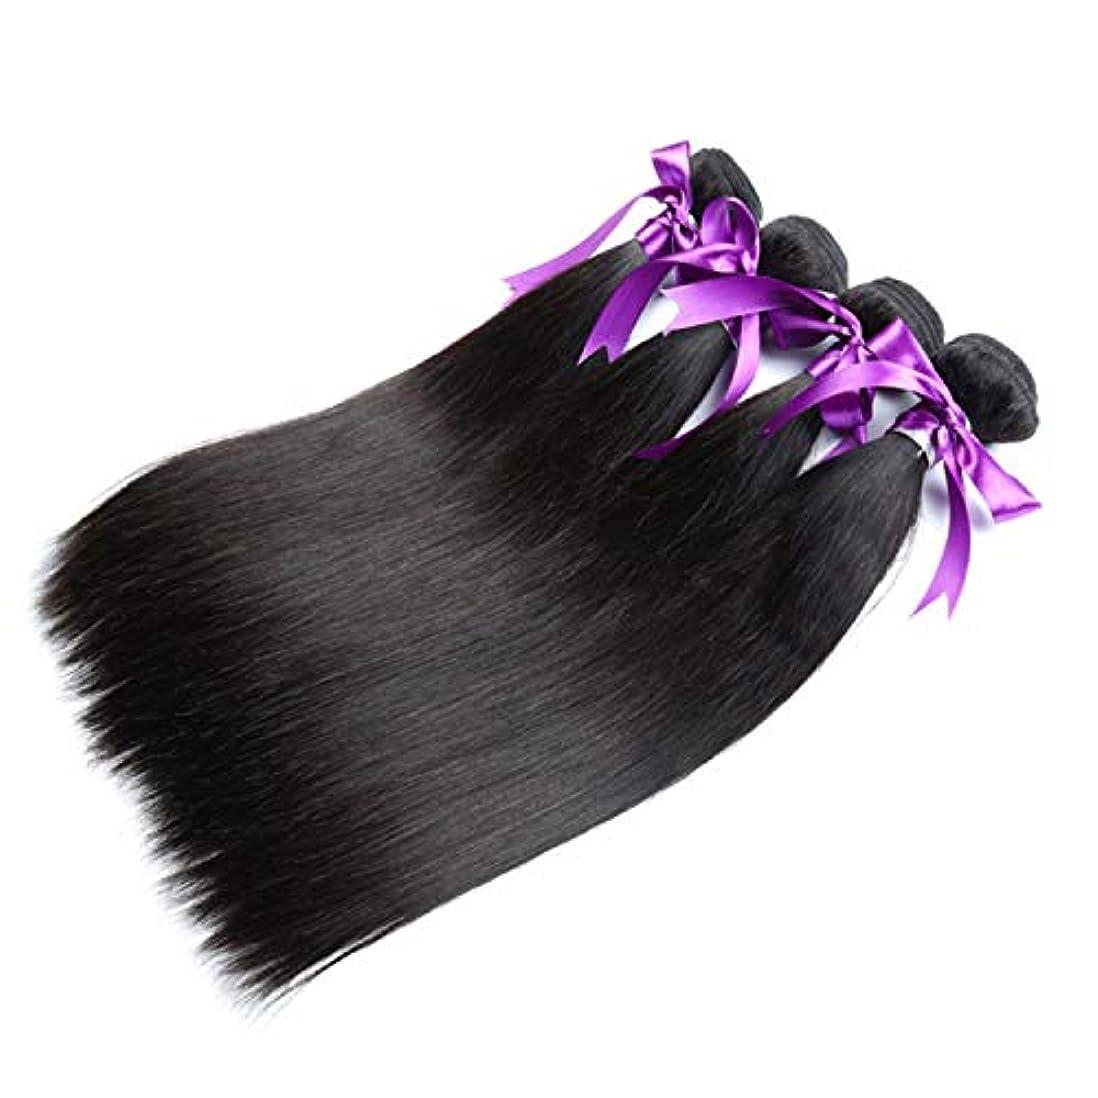 司法漁師前者かつら ペルーのストレートヘア4本の人間の髪の毛の束非レミーの毛の延長ナチュラルブラック (Length : 18 20 22 22)